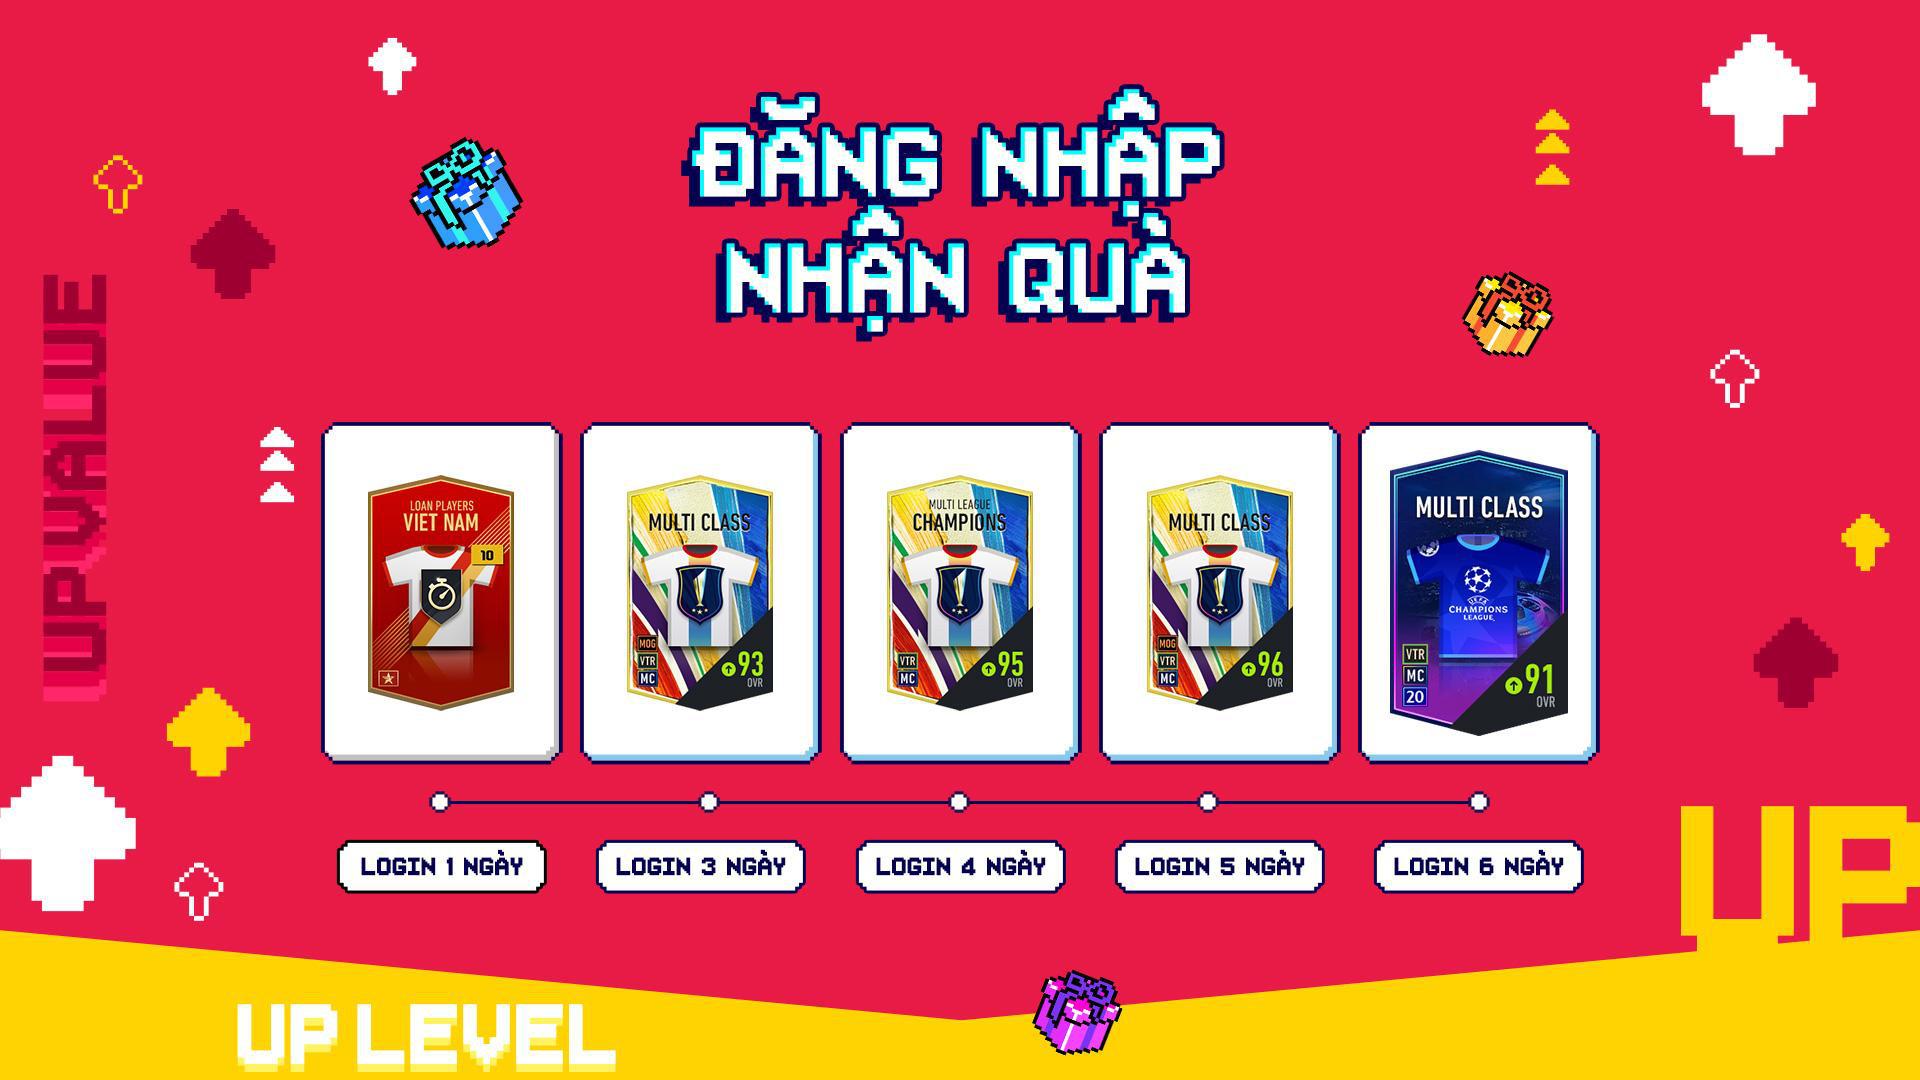 Những cầu thủ Việt Nam lại một lần nữa xuất hiện trong tựa game FIFA ONLINE 4, server háo hức để chờ nhận - Ảnh 2.